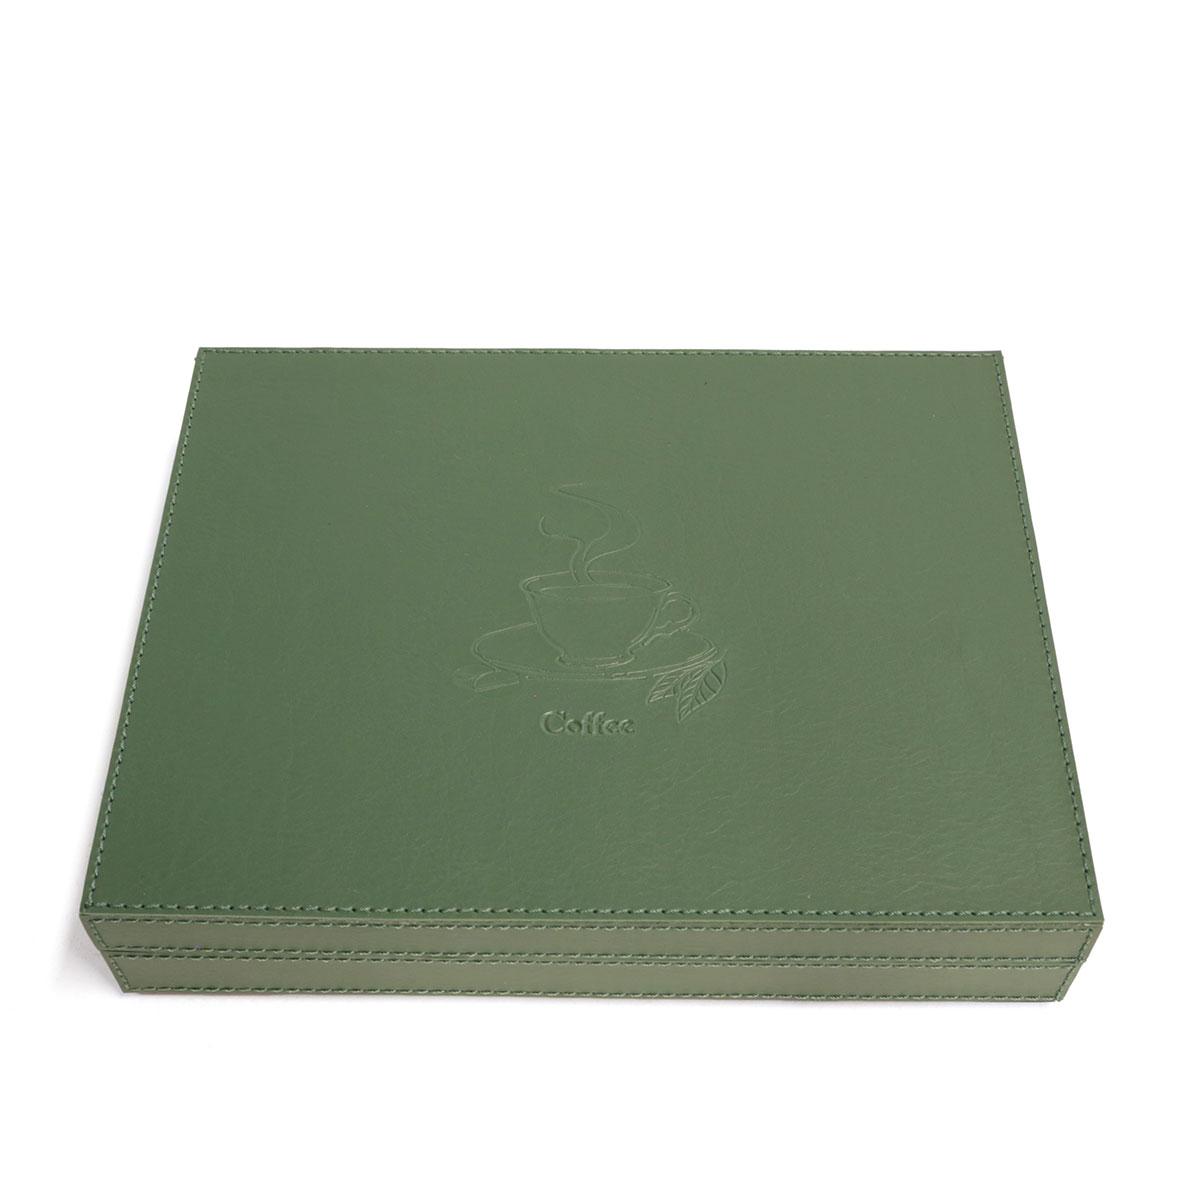 Caixa para cápsulas de café (Montana Verde Musgo)